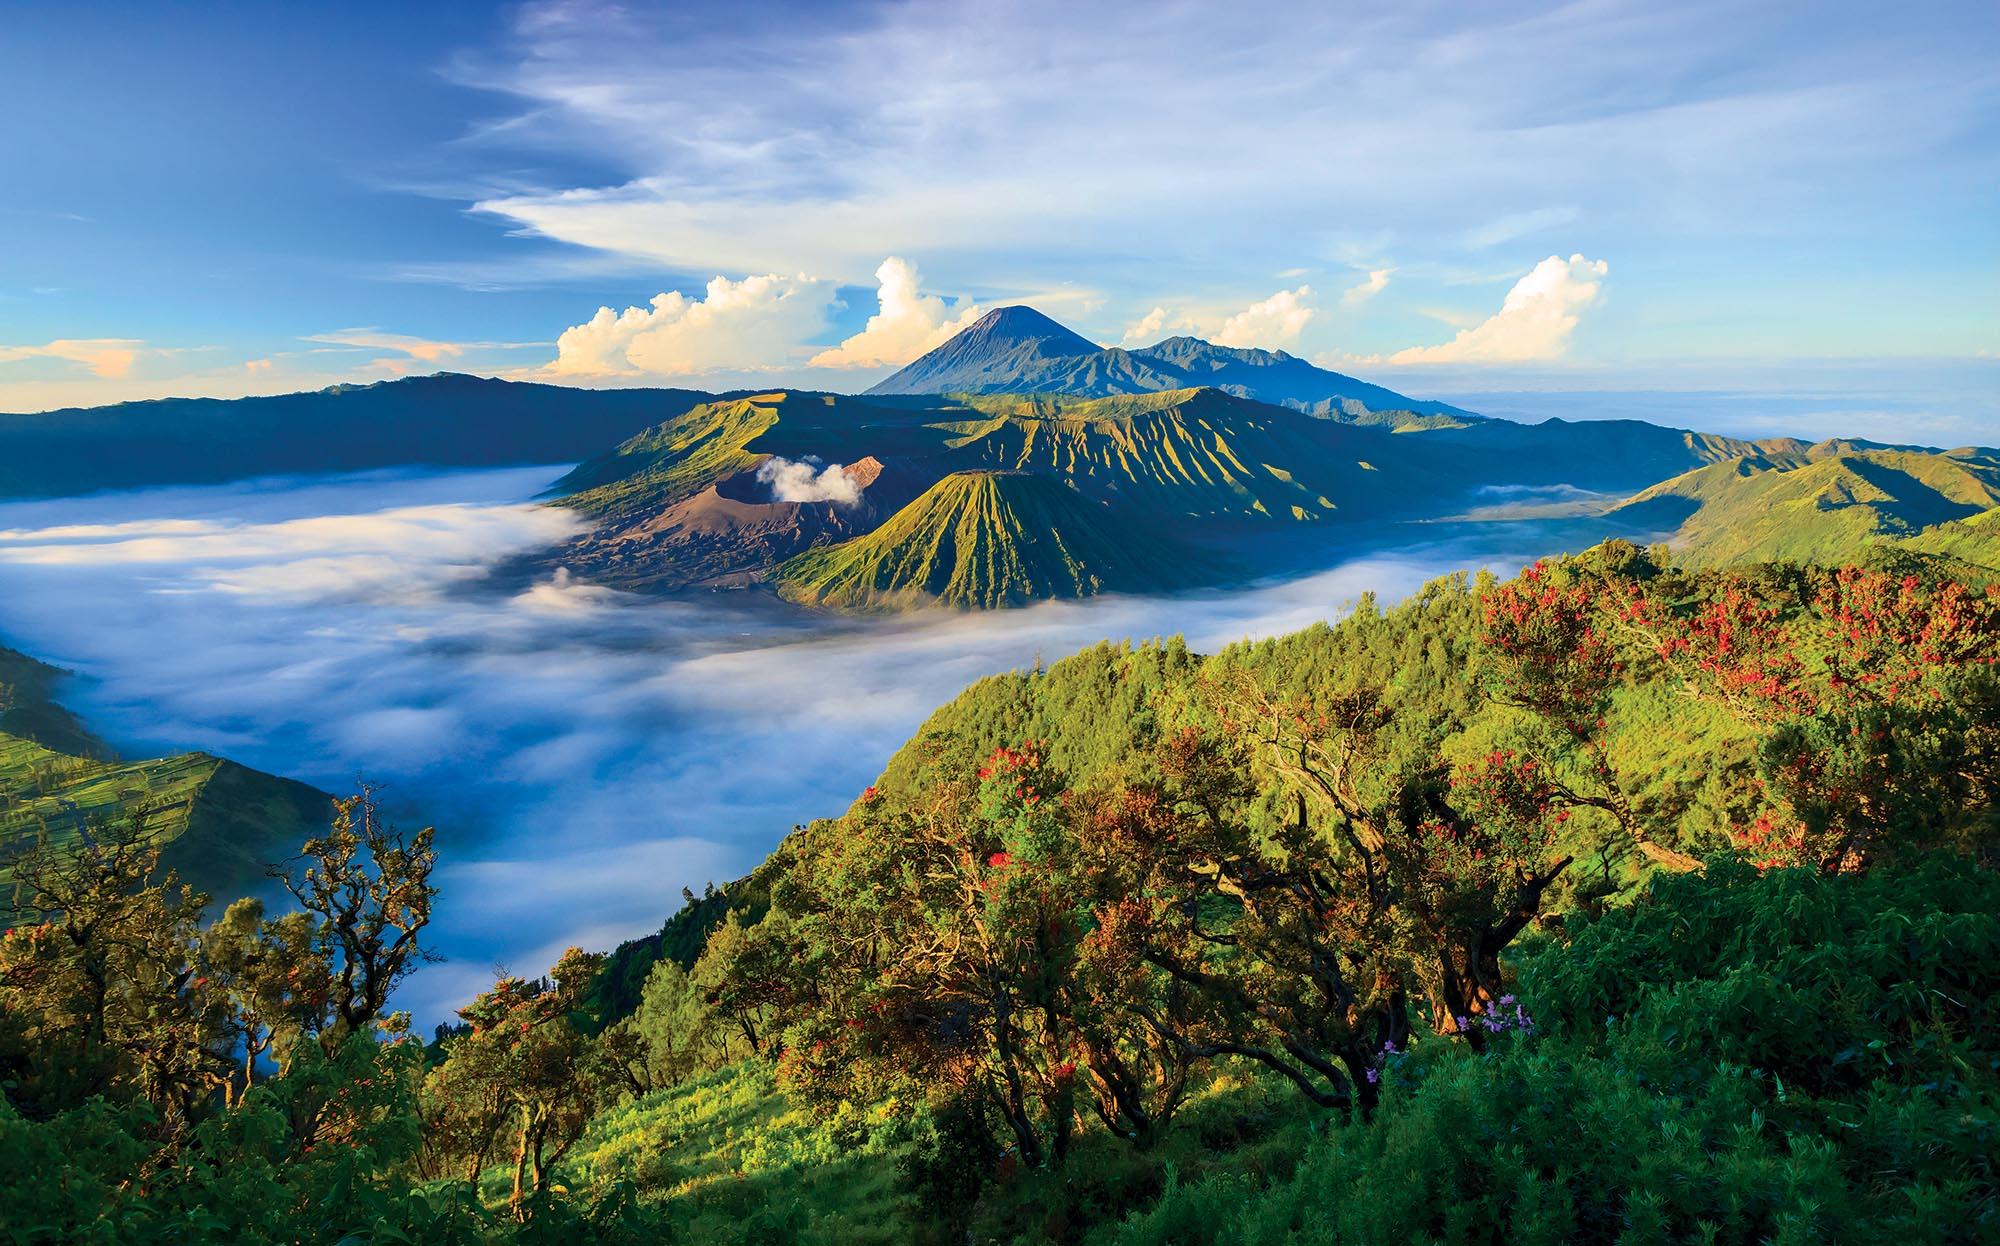 Вулкан Бромо на острові Ява – одне з десяти місць, які Індонезія хоче проcувати у світі